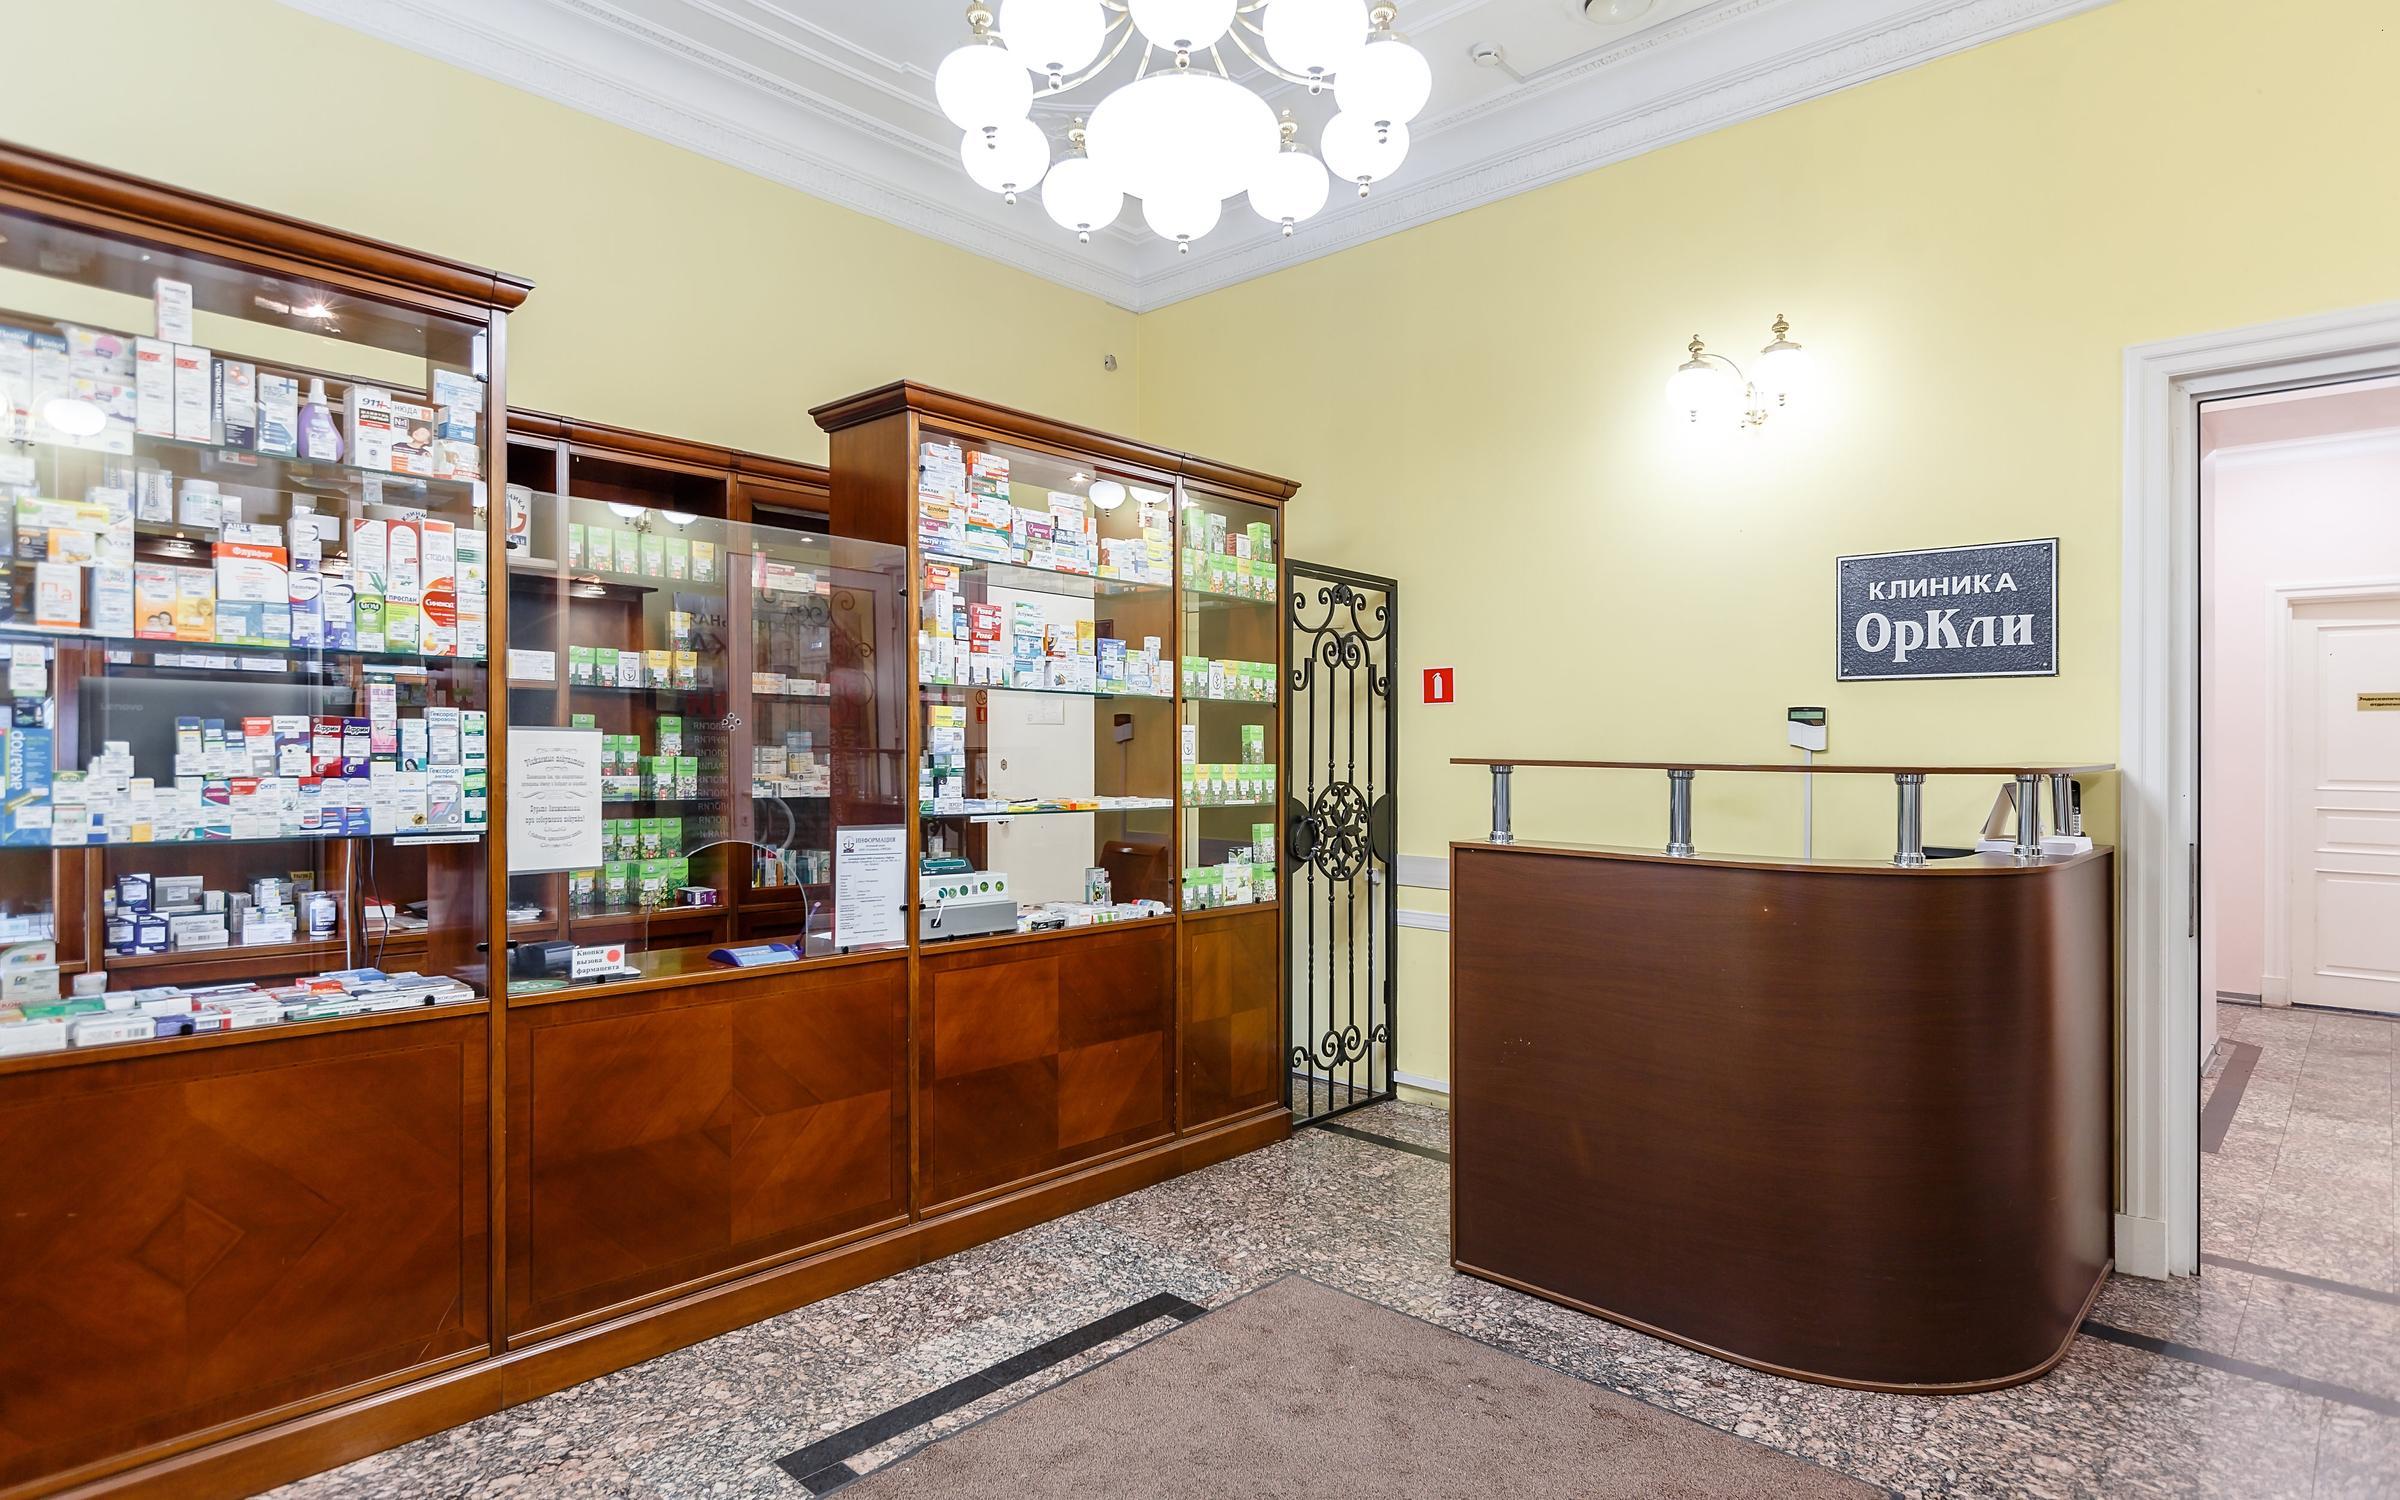 фотография Госпиталя ОрКли на Среднем проспекте В.О.